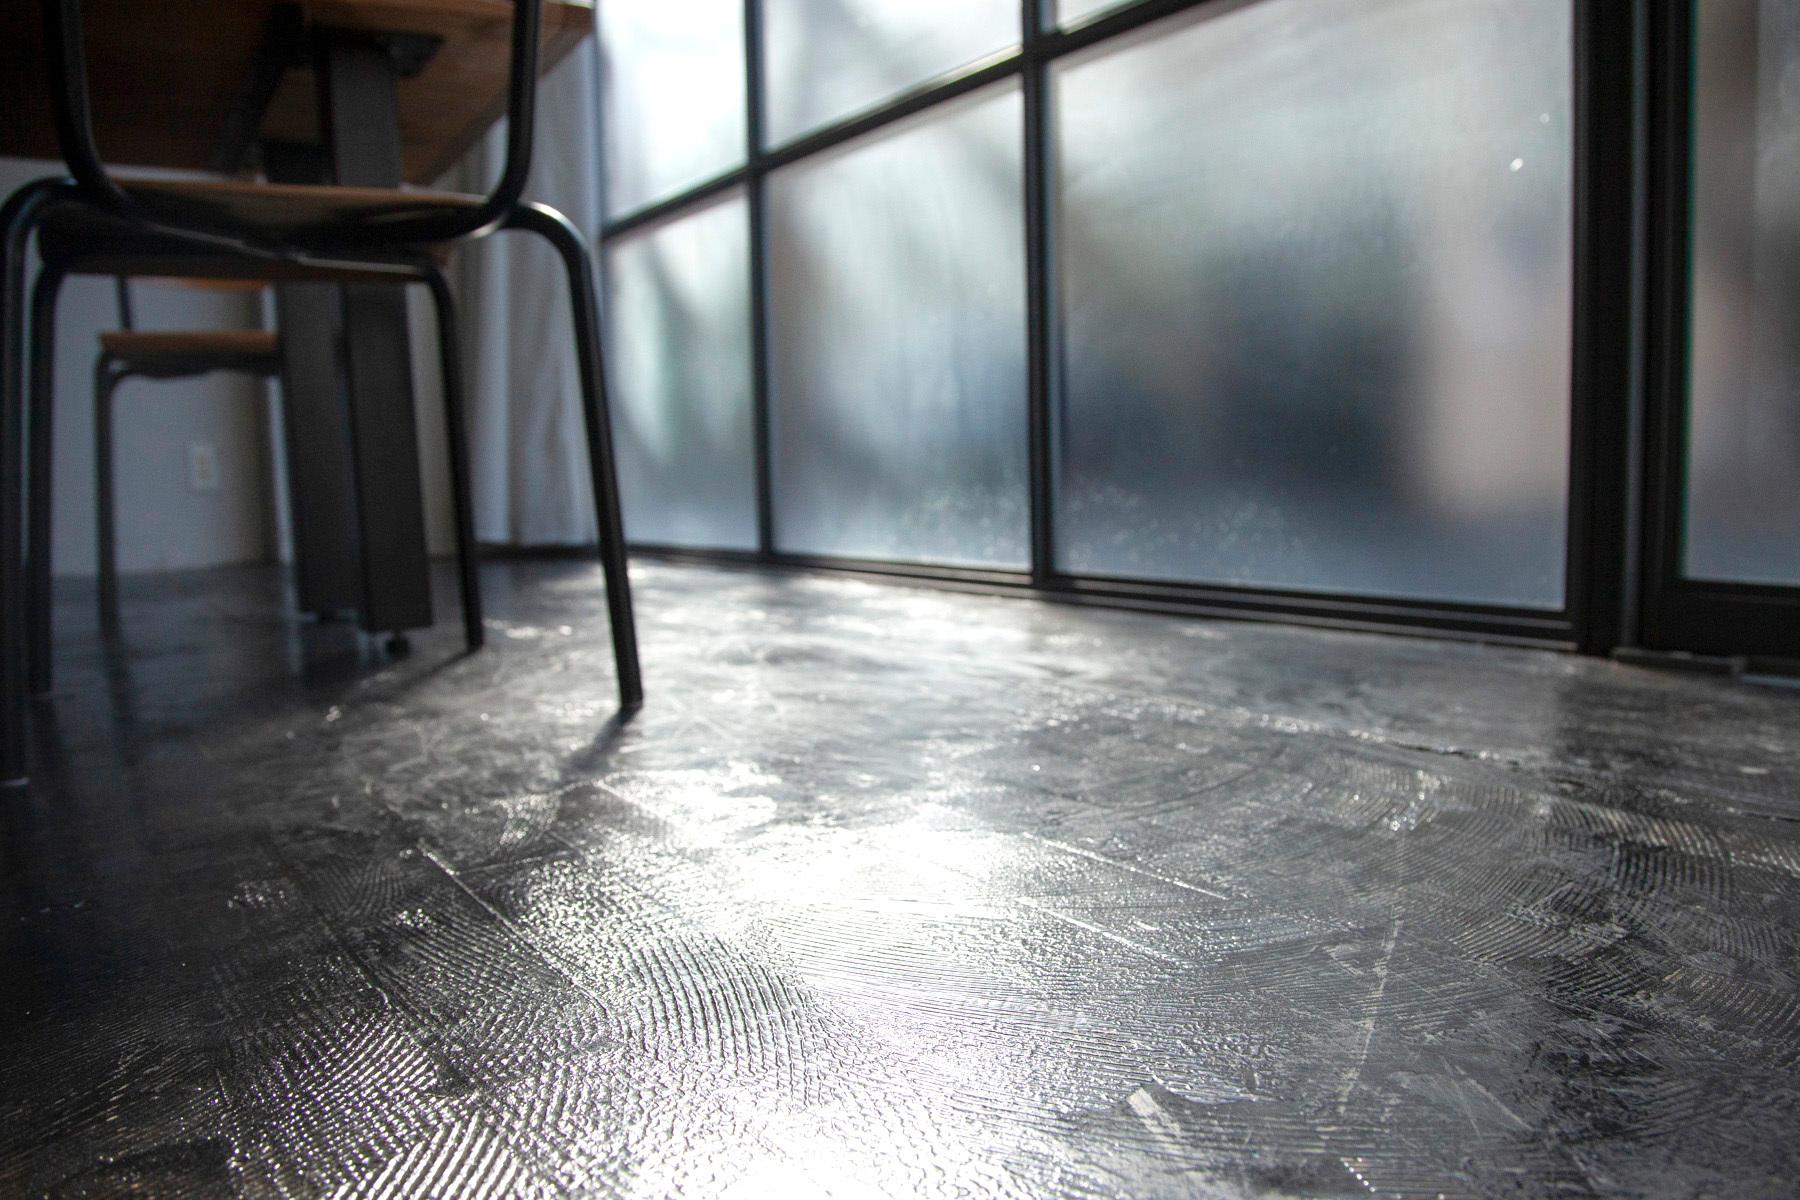 STUDIO SAND 1F(スタジオサンド1F)中央のドアは開閉可能